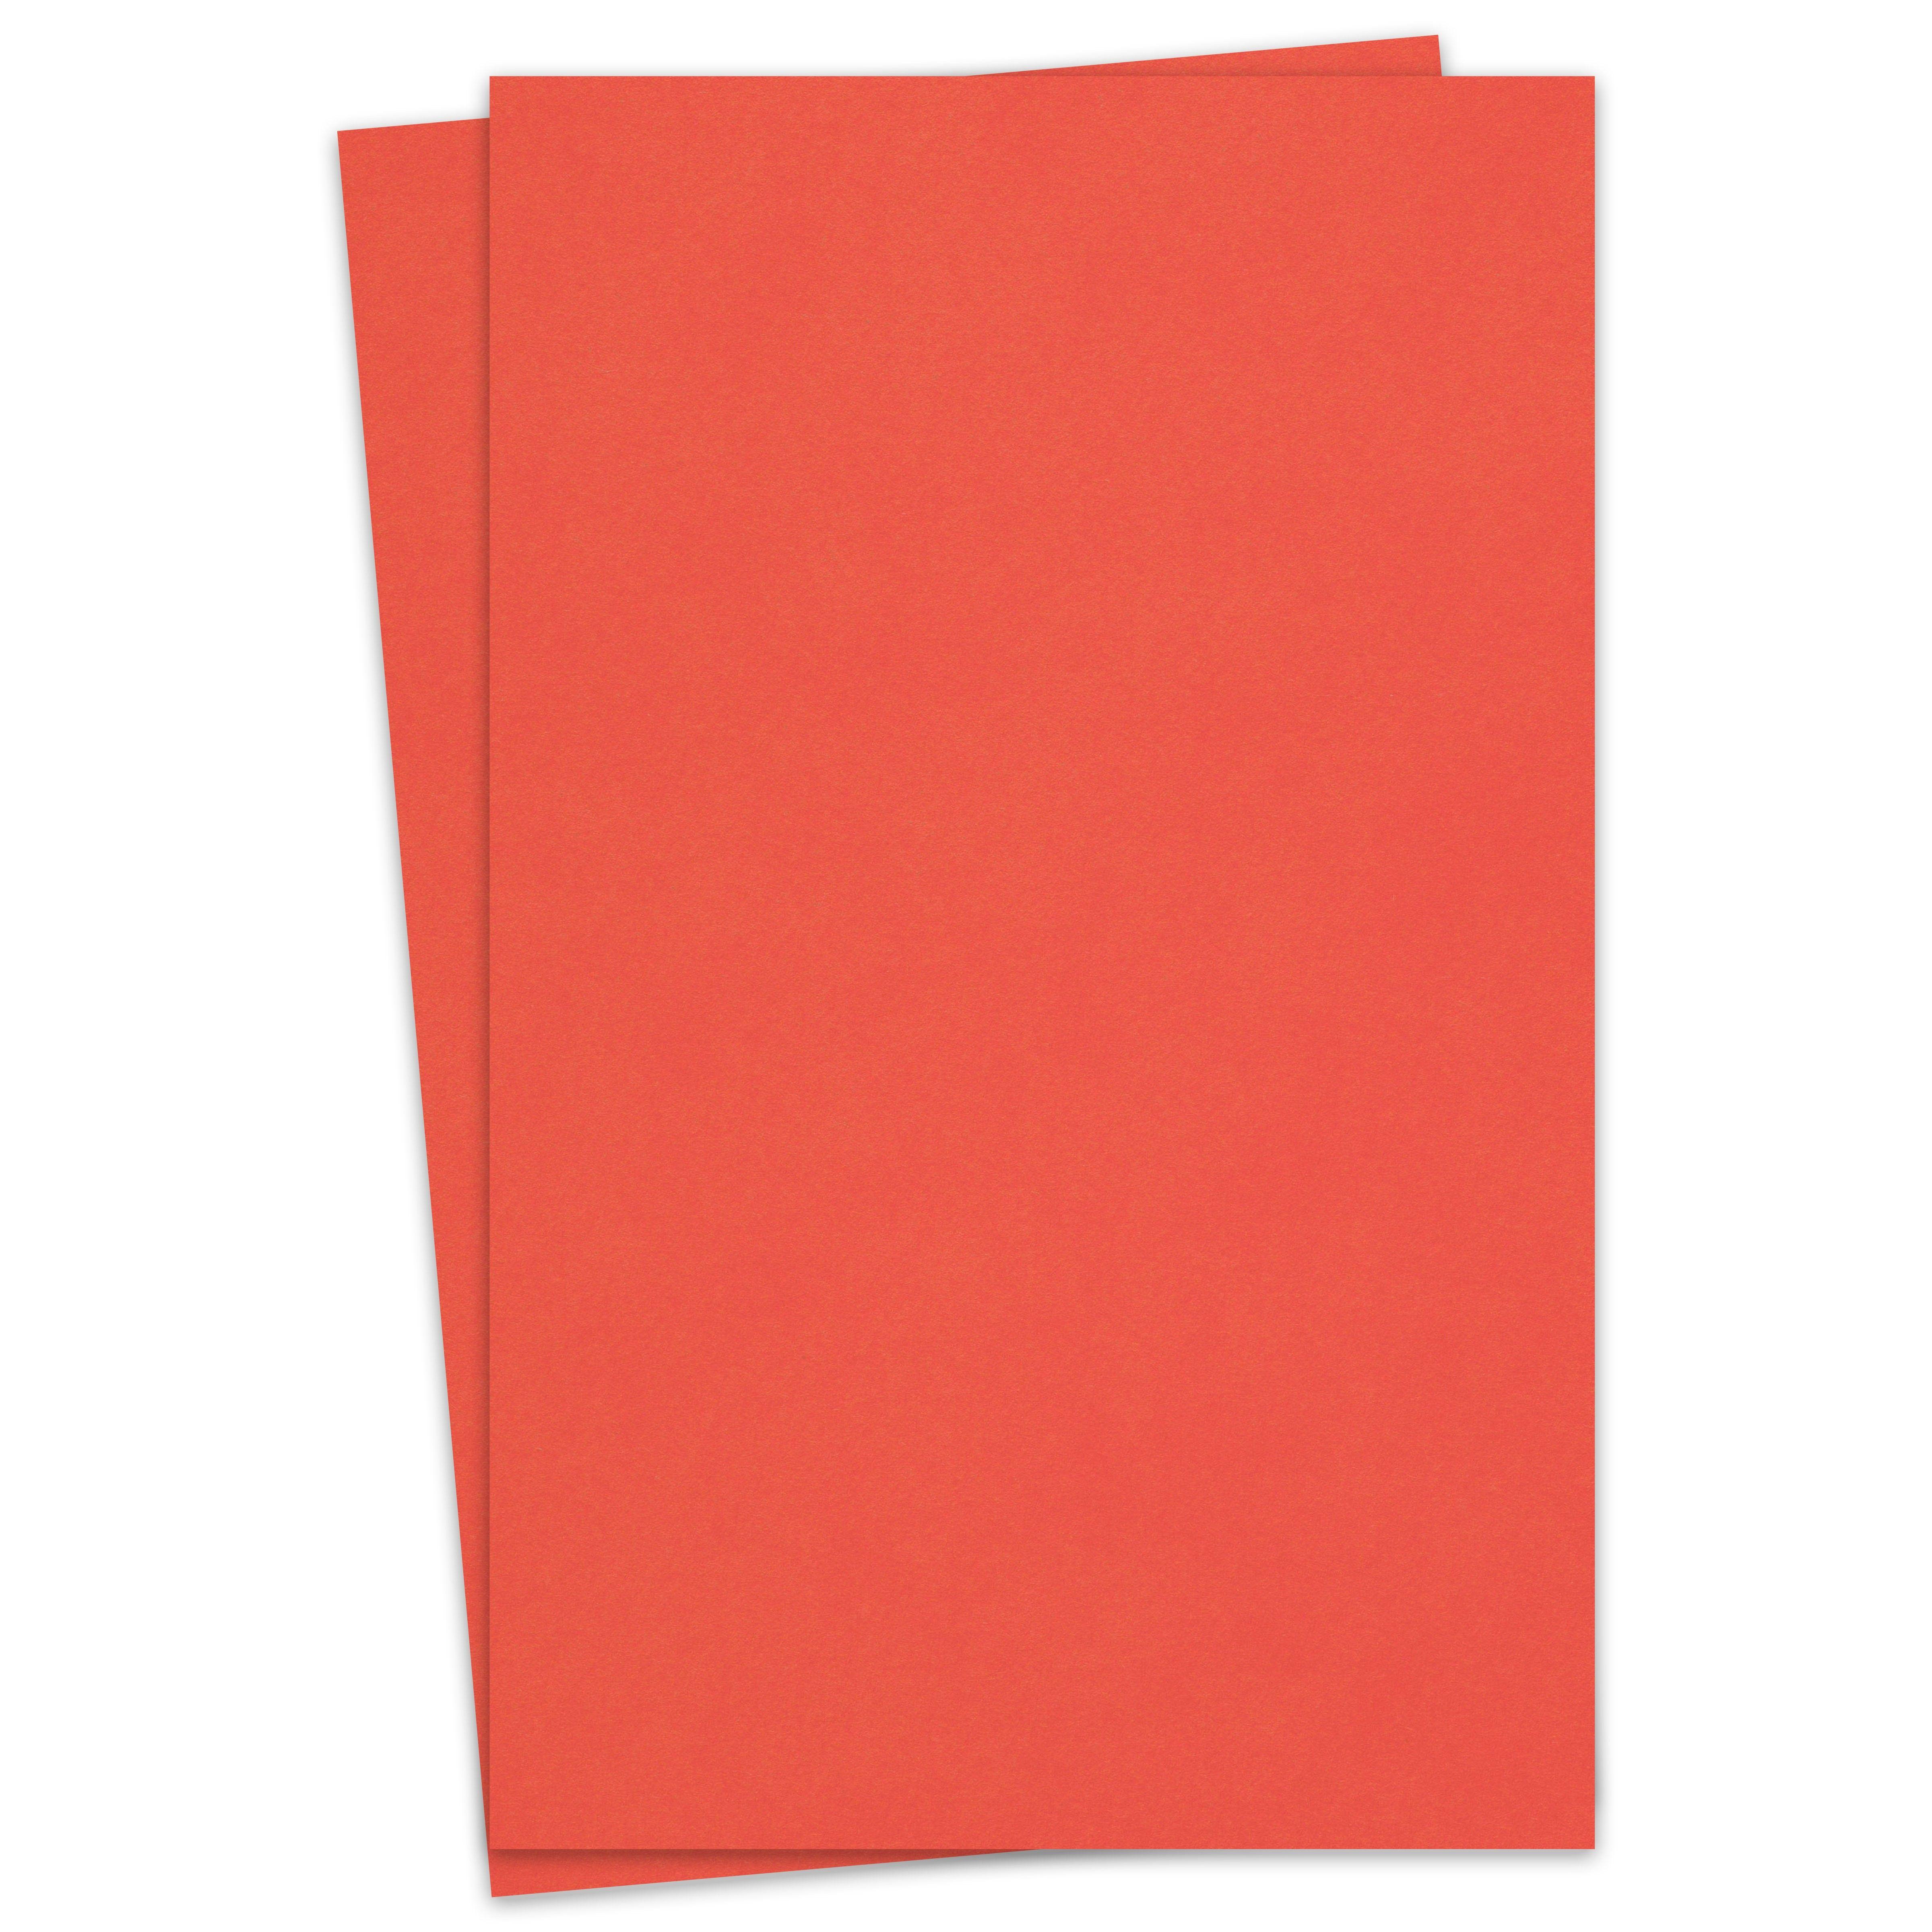 Clearance Coral Keaykolour 11x17 Ledger Size Paper 32 80lb Text 200 Pk Cardstock Paper Paper Legal Size Paper